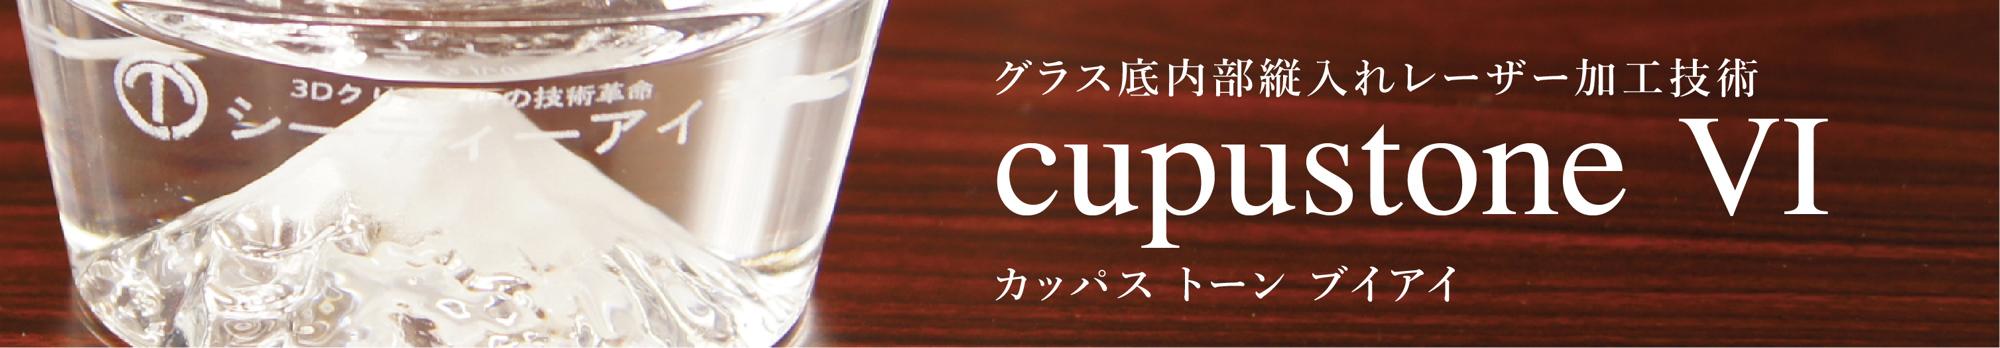 cupustone VI(カッパストーン ブイアイ)